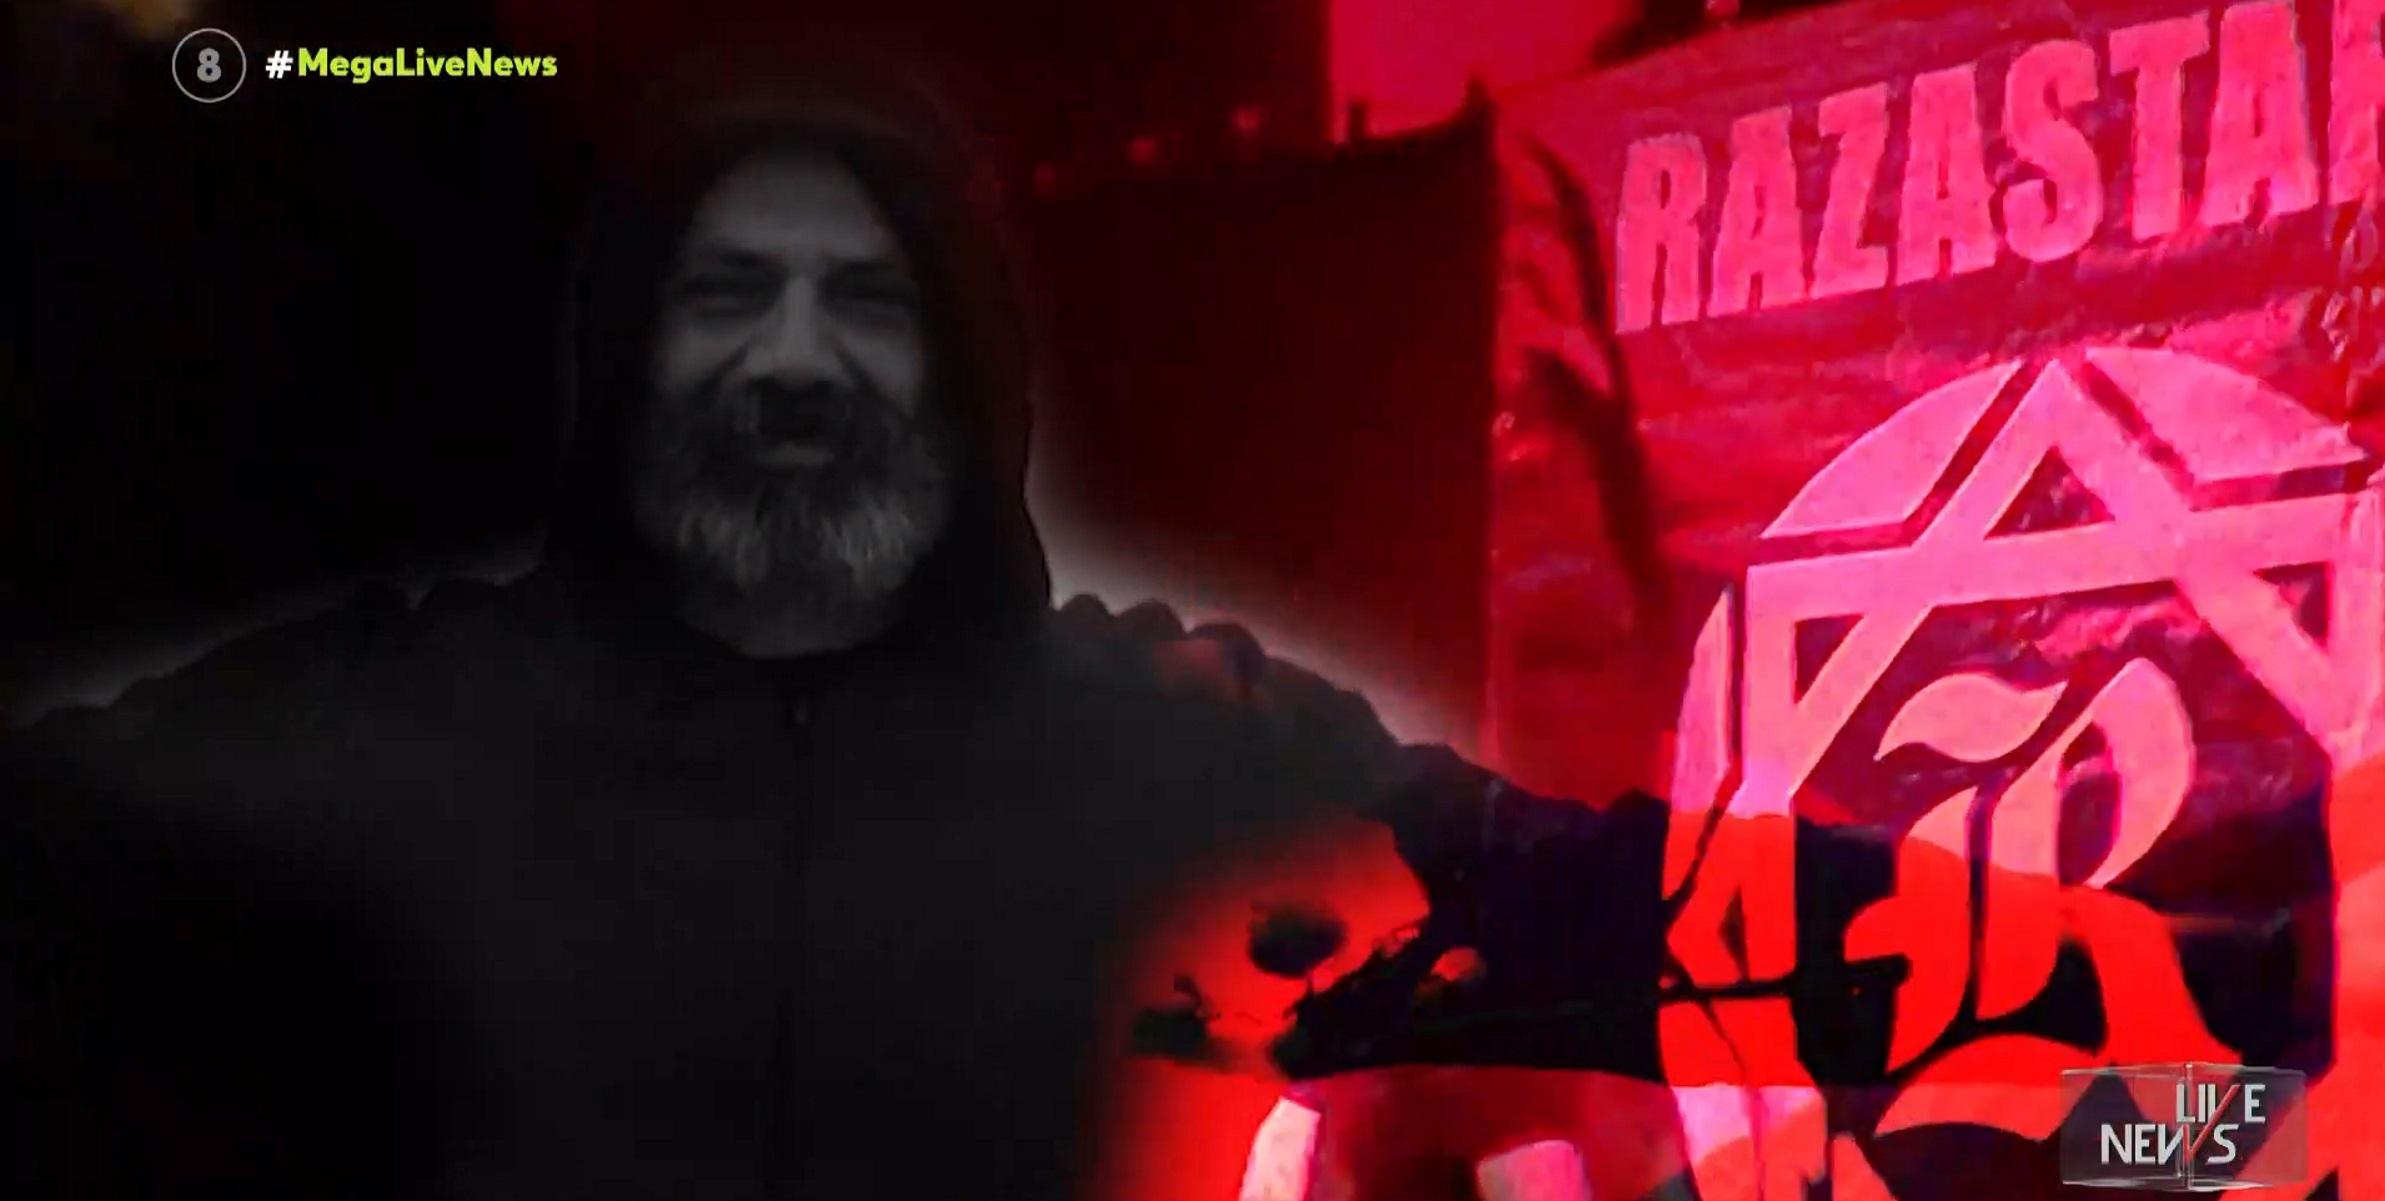 Οδυσσέας Τσιαμπόκαλος: Στα ίχνη του οδηγού που τον χτύπησε και τον άφησε να πεθάνει